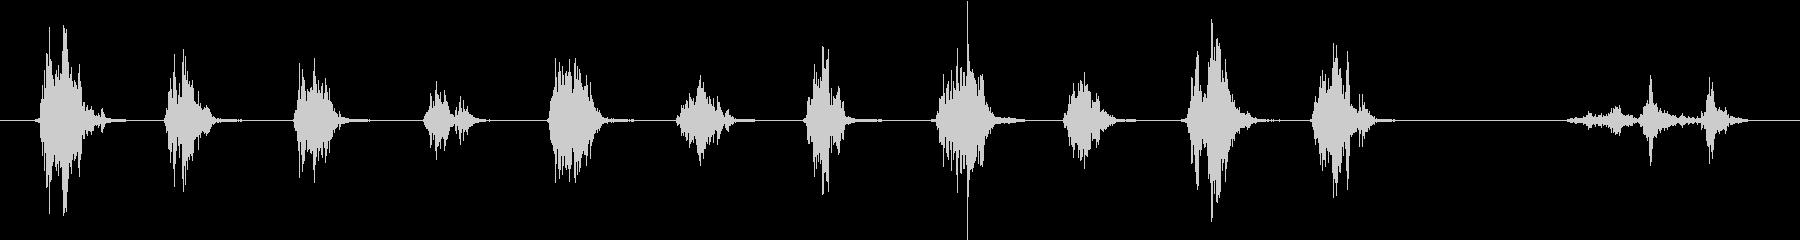 ガシャンガシャン!重めのロボ歩行音の未再生の波形